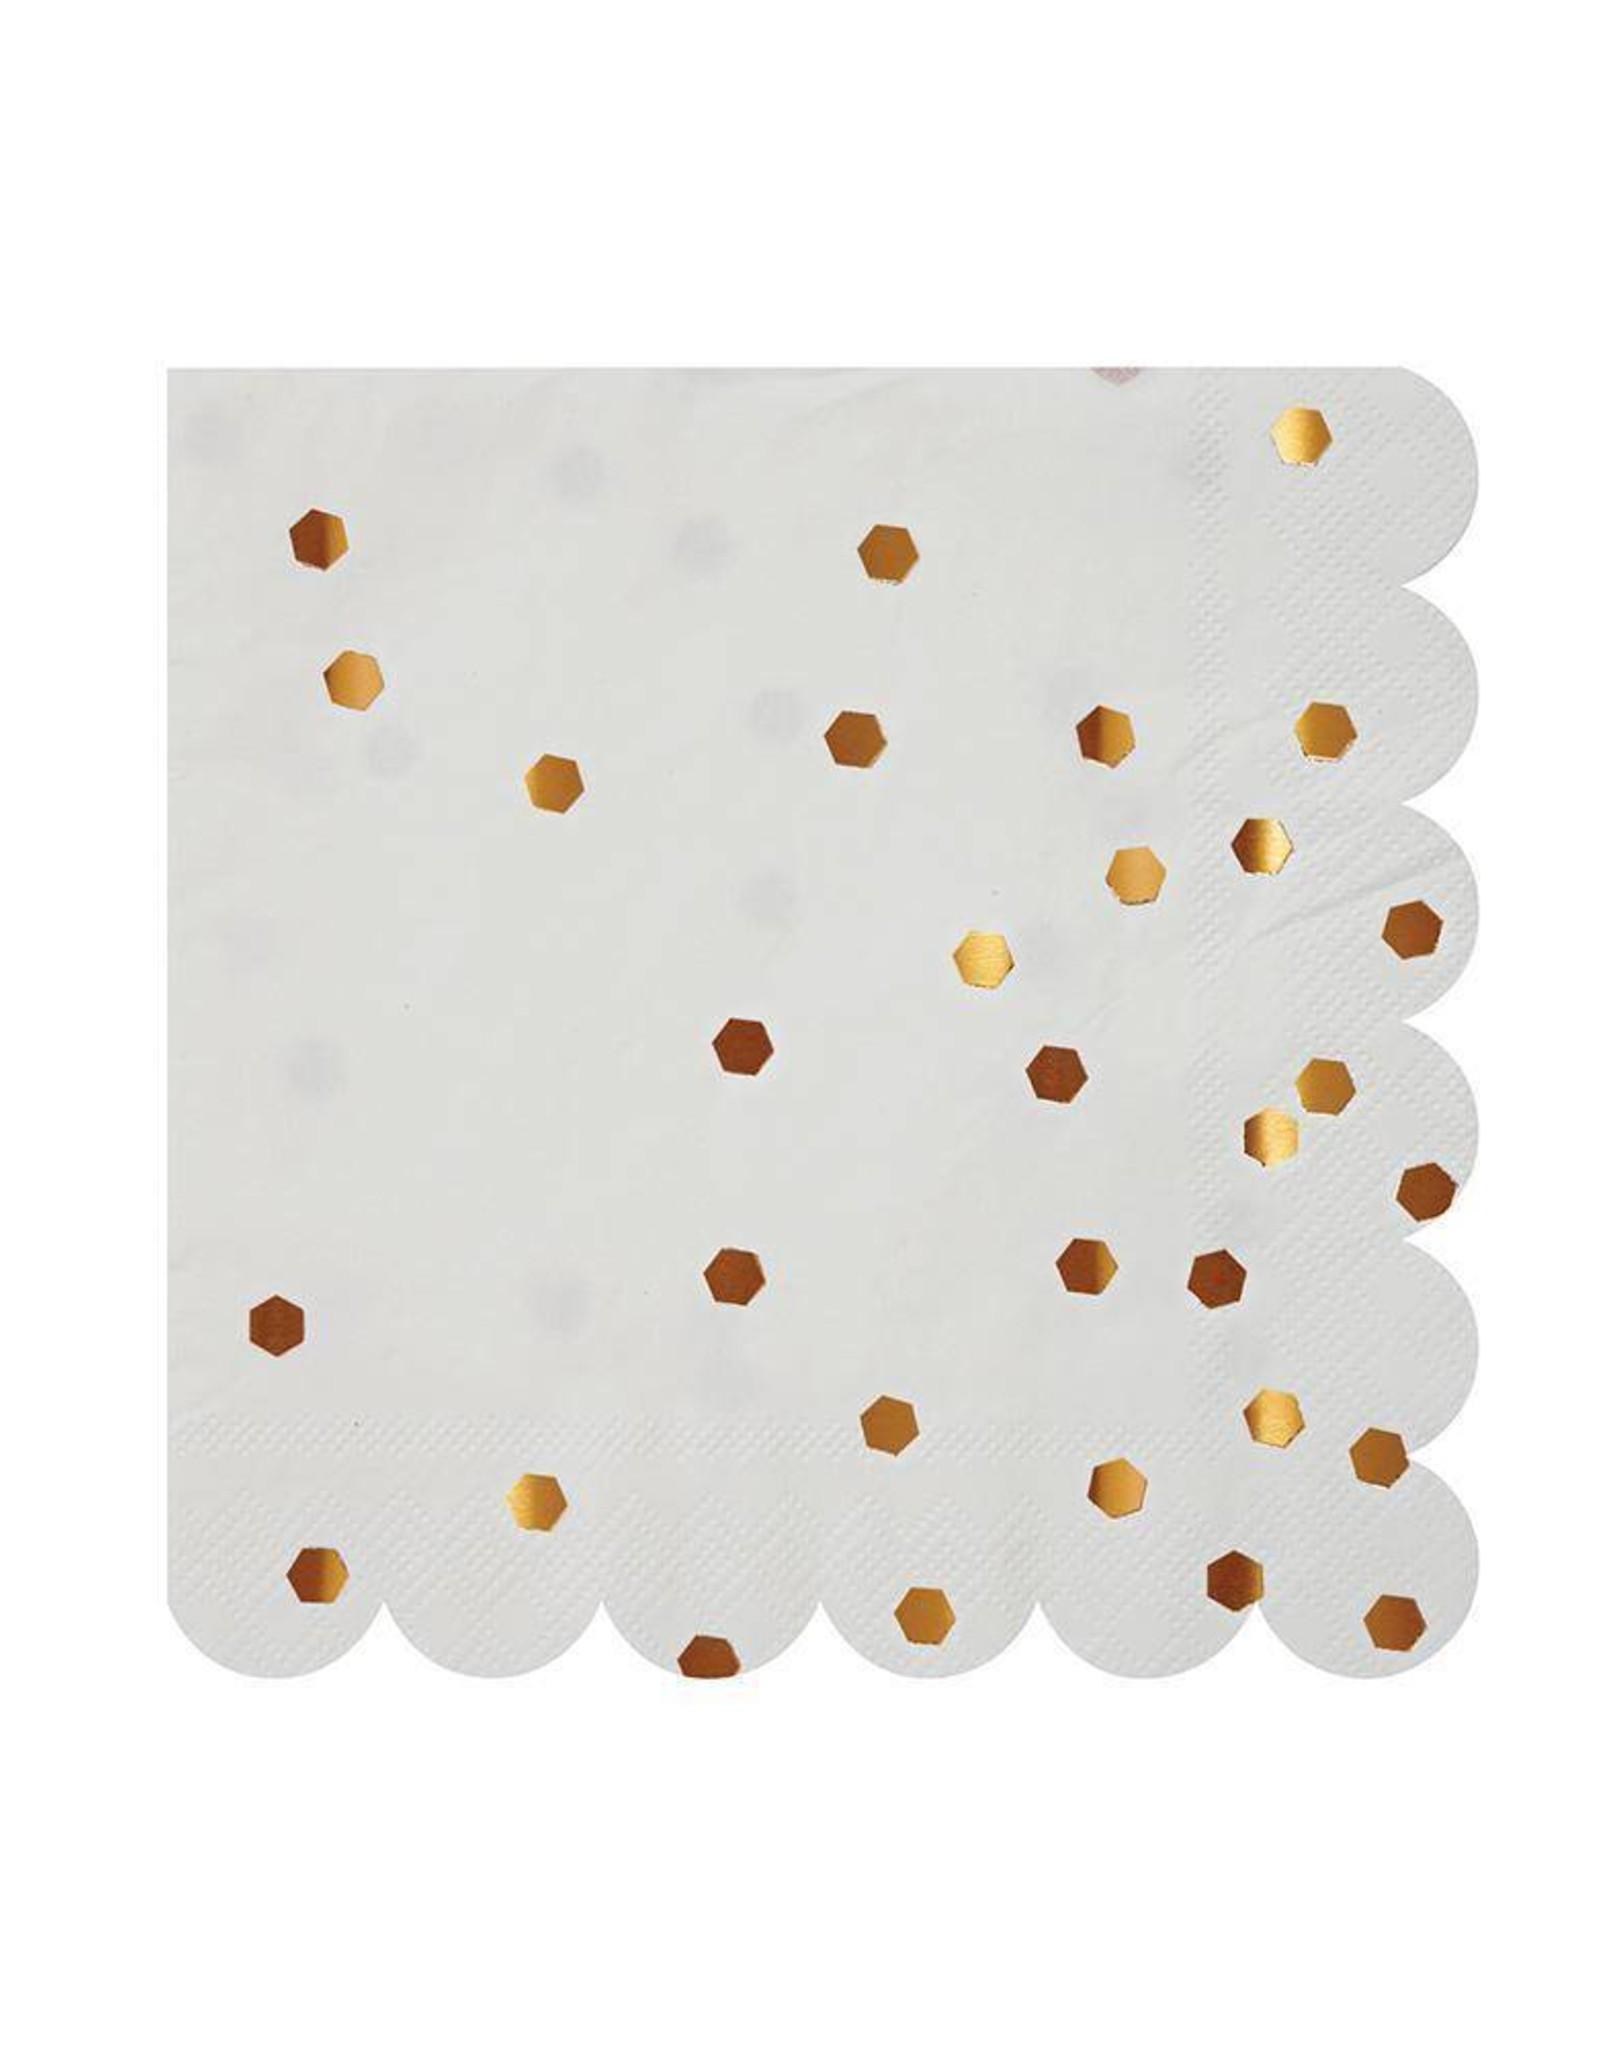 Meri Meri rose gold confetti napkins small